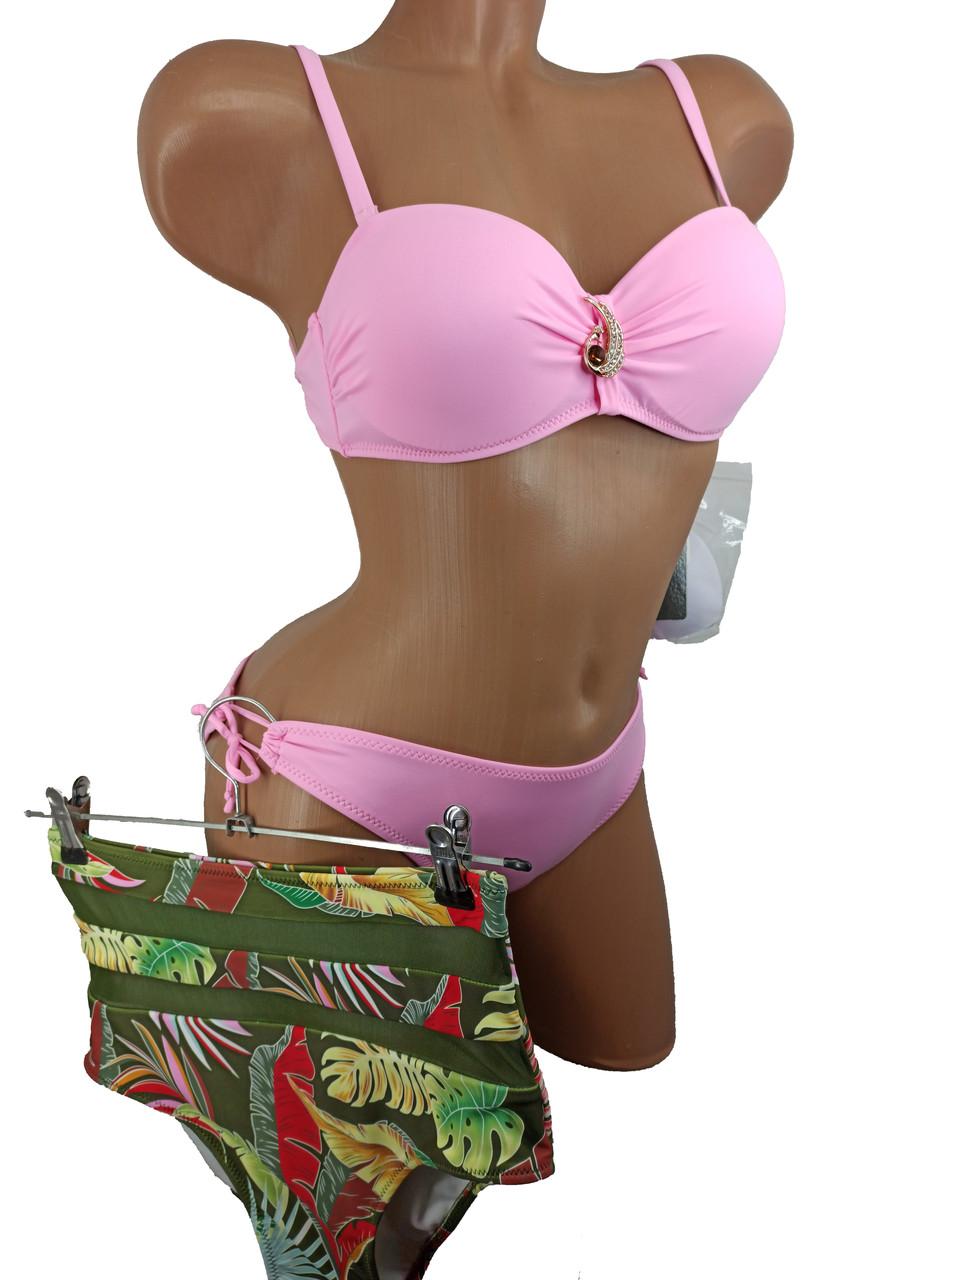 Купальник бандо с высокой талией и плавками на завязках Sisianna 91009 розовый 42 44 46 48 50 размер